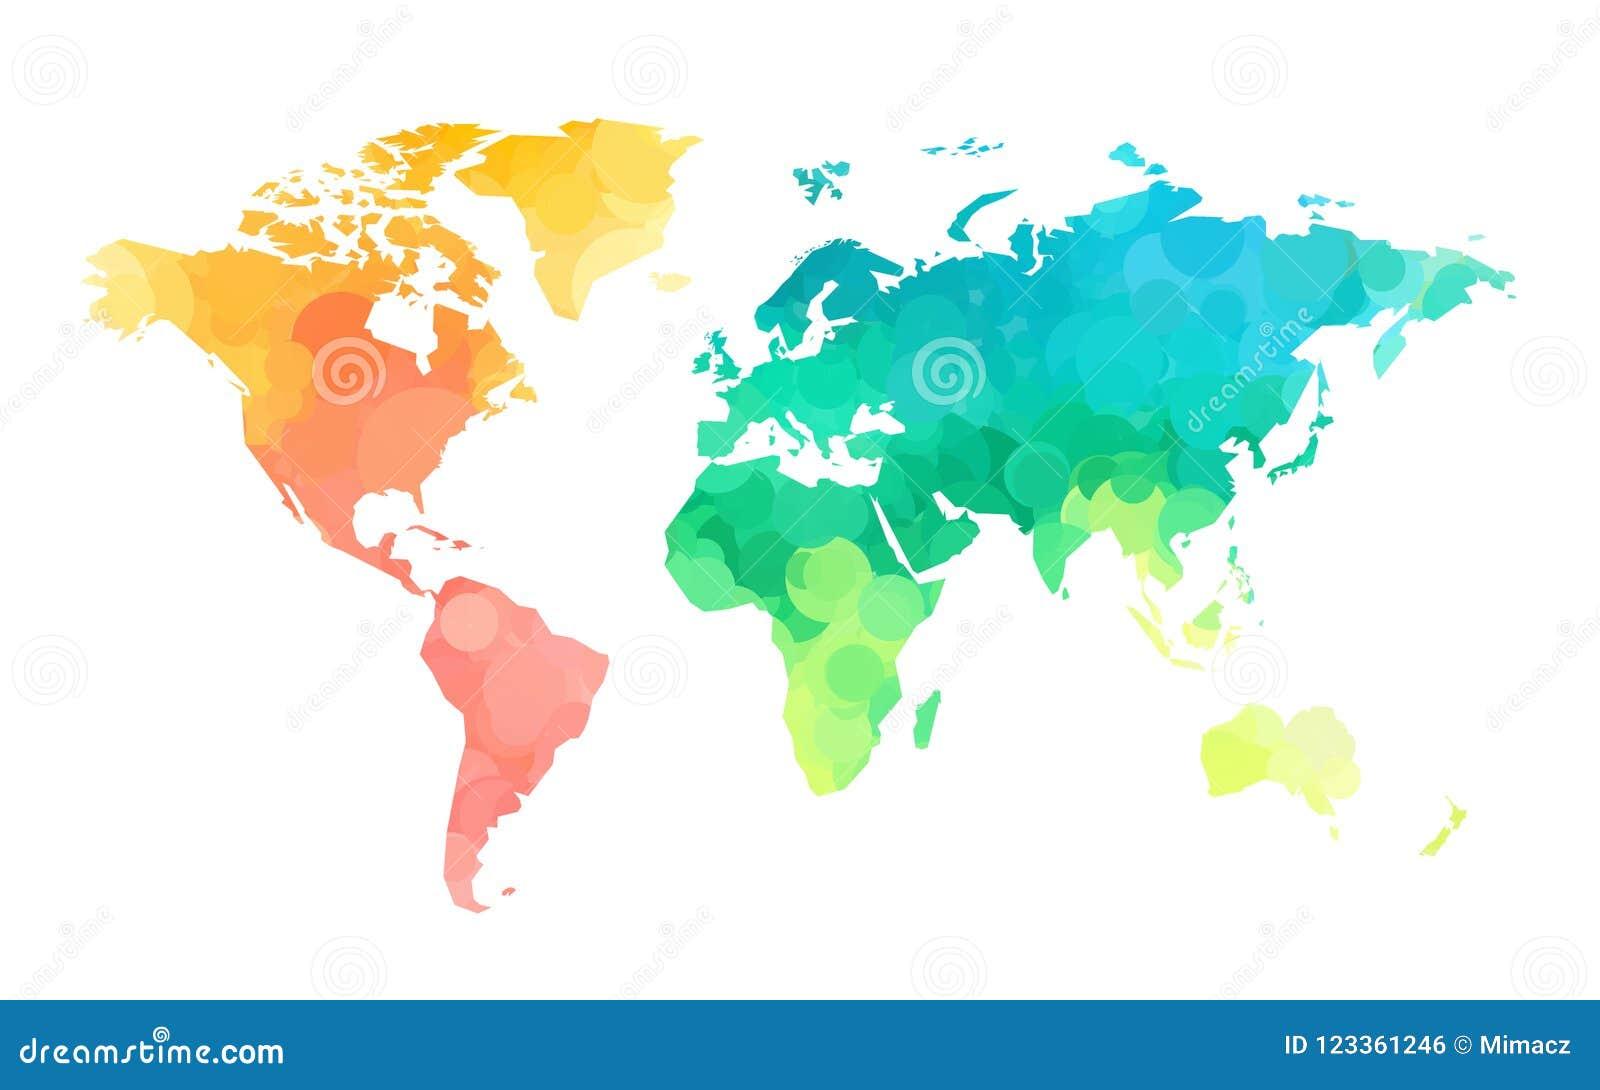 Картина карты мира кругов цвета